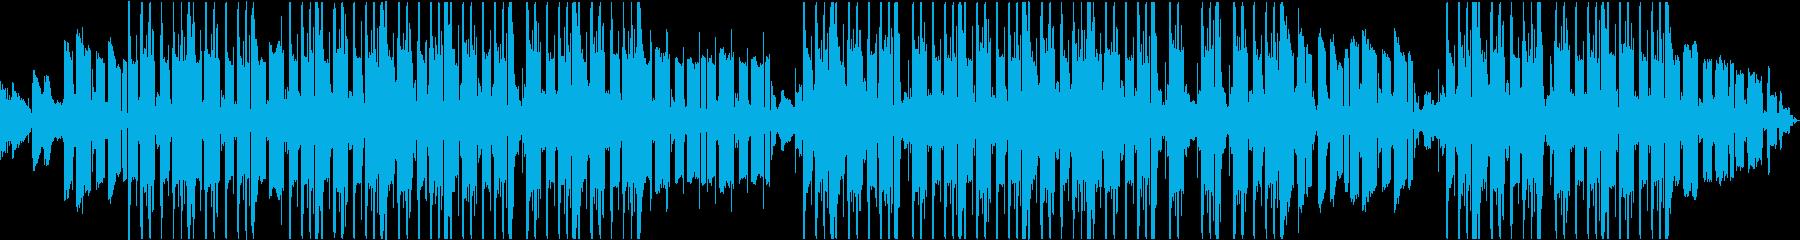 爽やかな重低音トラップビートの再生済みの波形